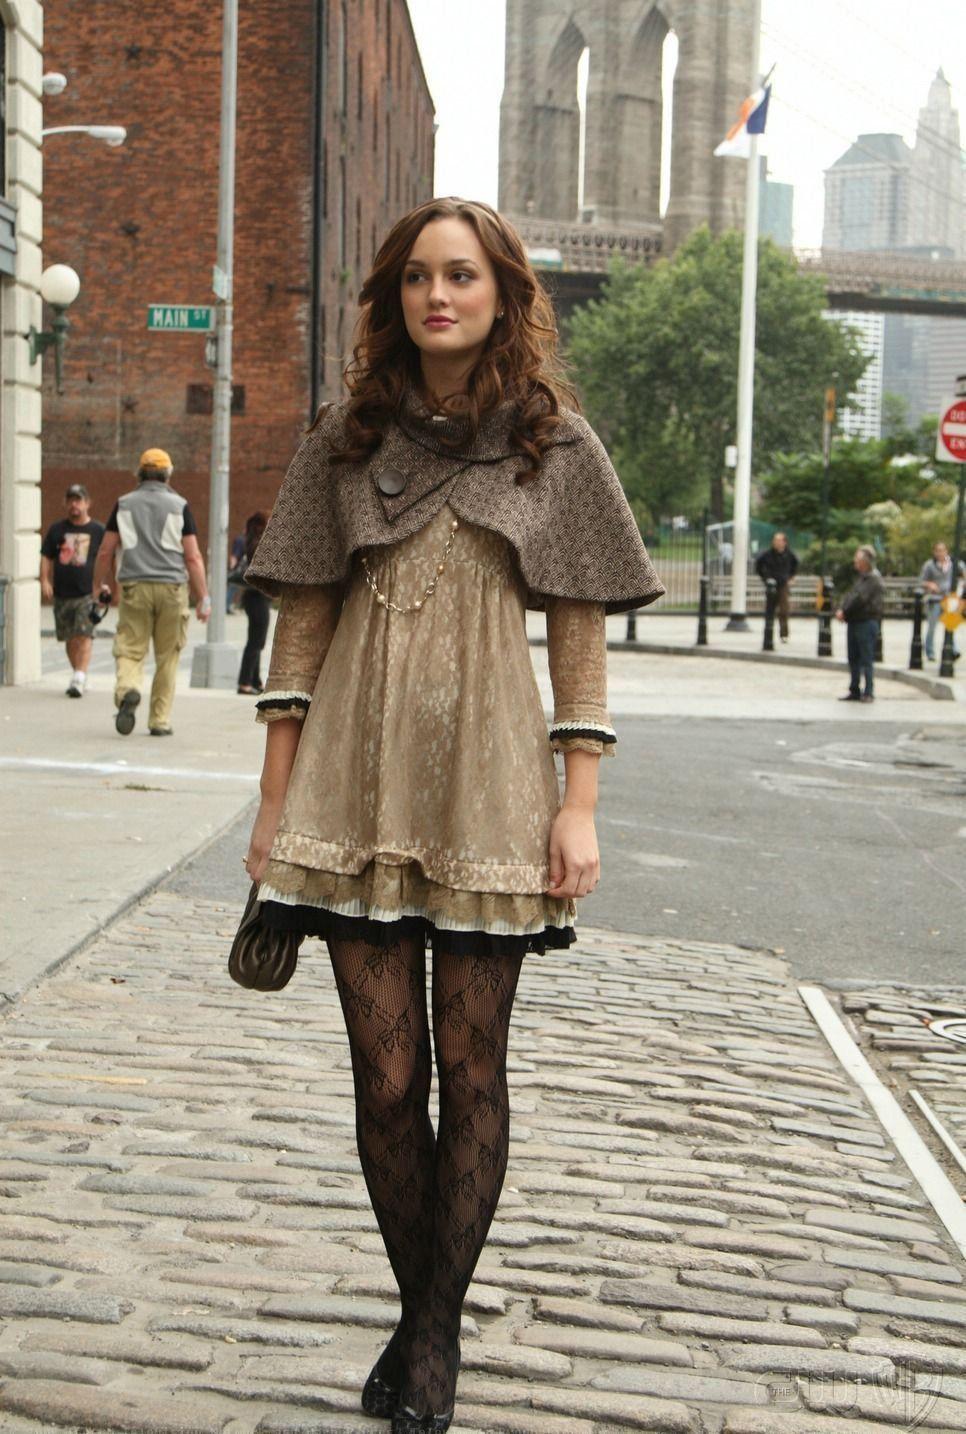 25 Momentos en los que te obsesionaste con el estilo de Blair Waldorf